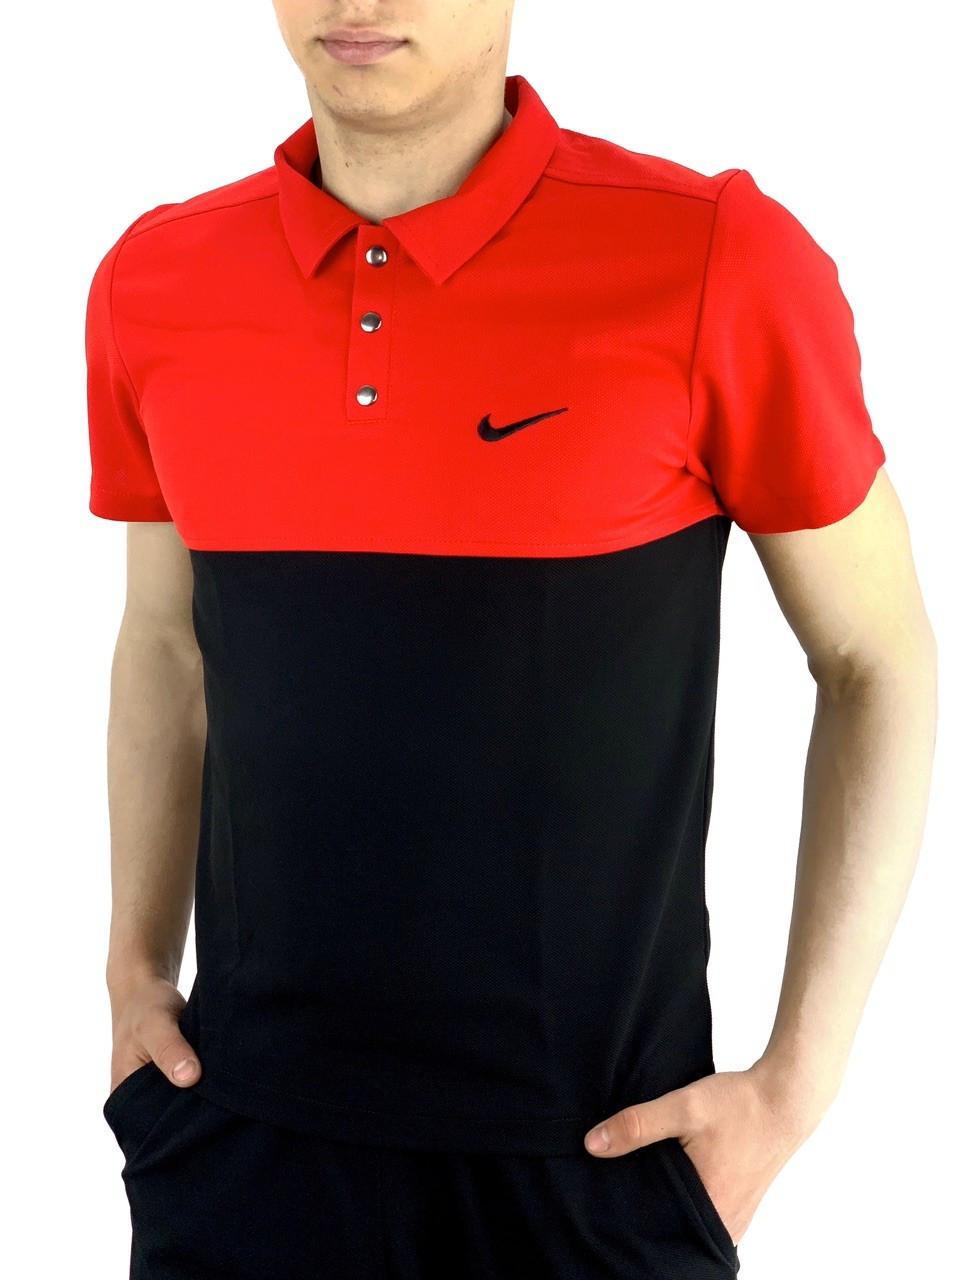 Чоловіча чорно червона повсякденна футболка поло Nike